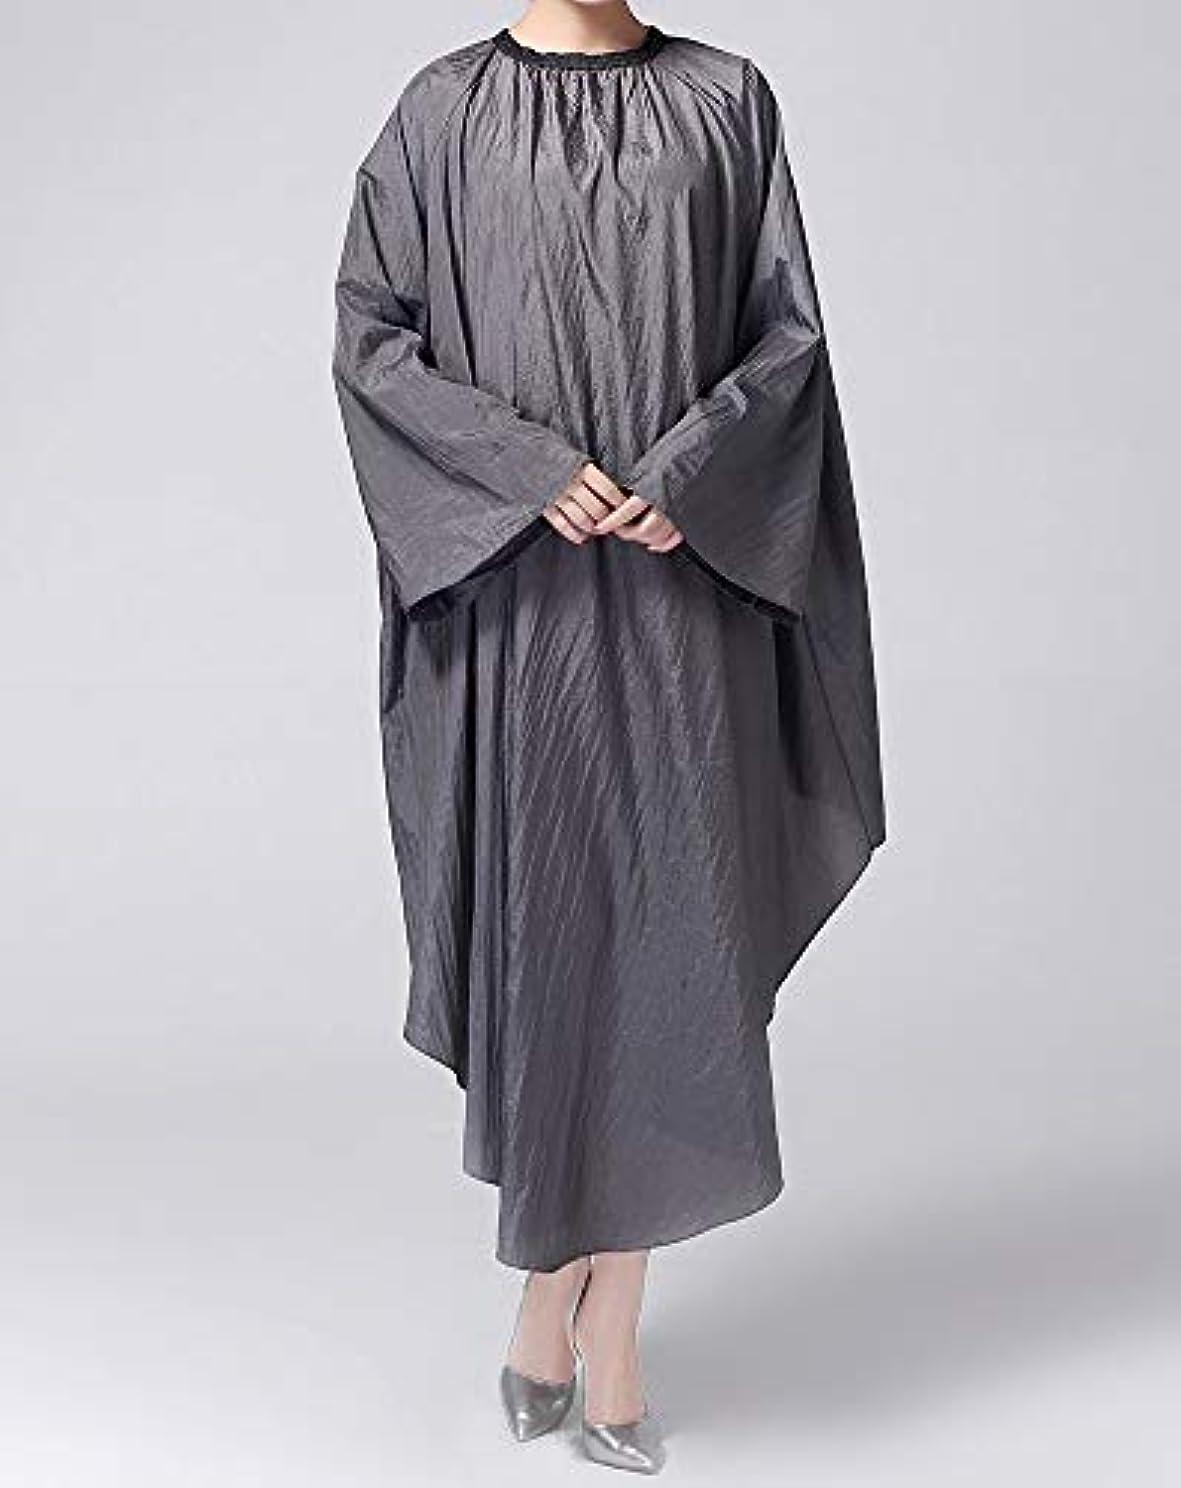 放つ神一般HIZLJJ ヘアカット理髪サロンケーププロフェッショナル防水ナイロン美容院理髪店ケープガウン (Color : Gray)